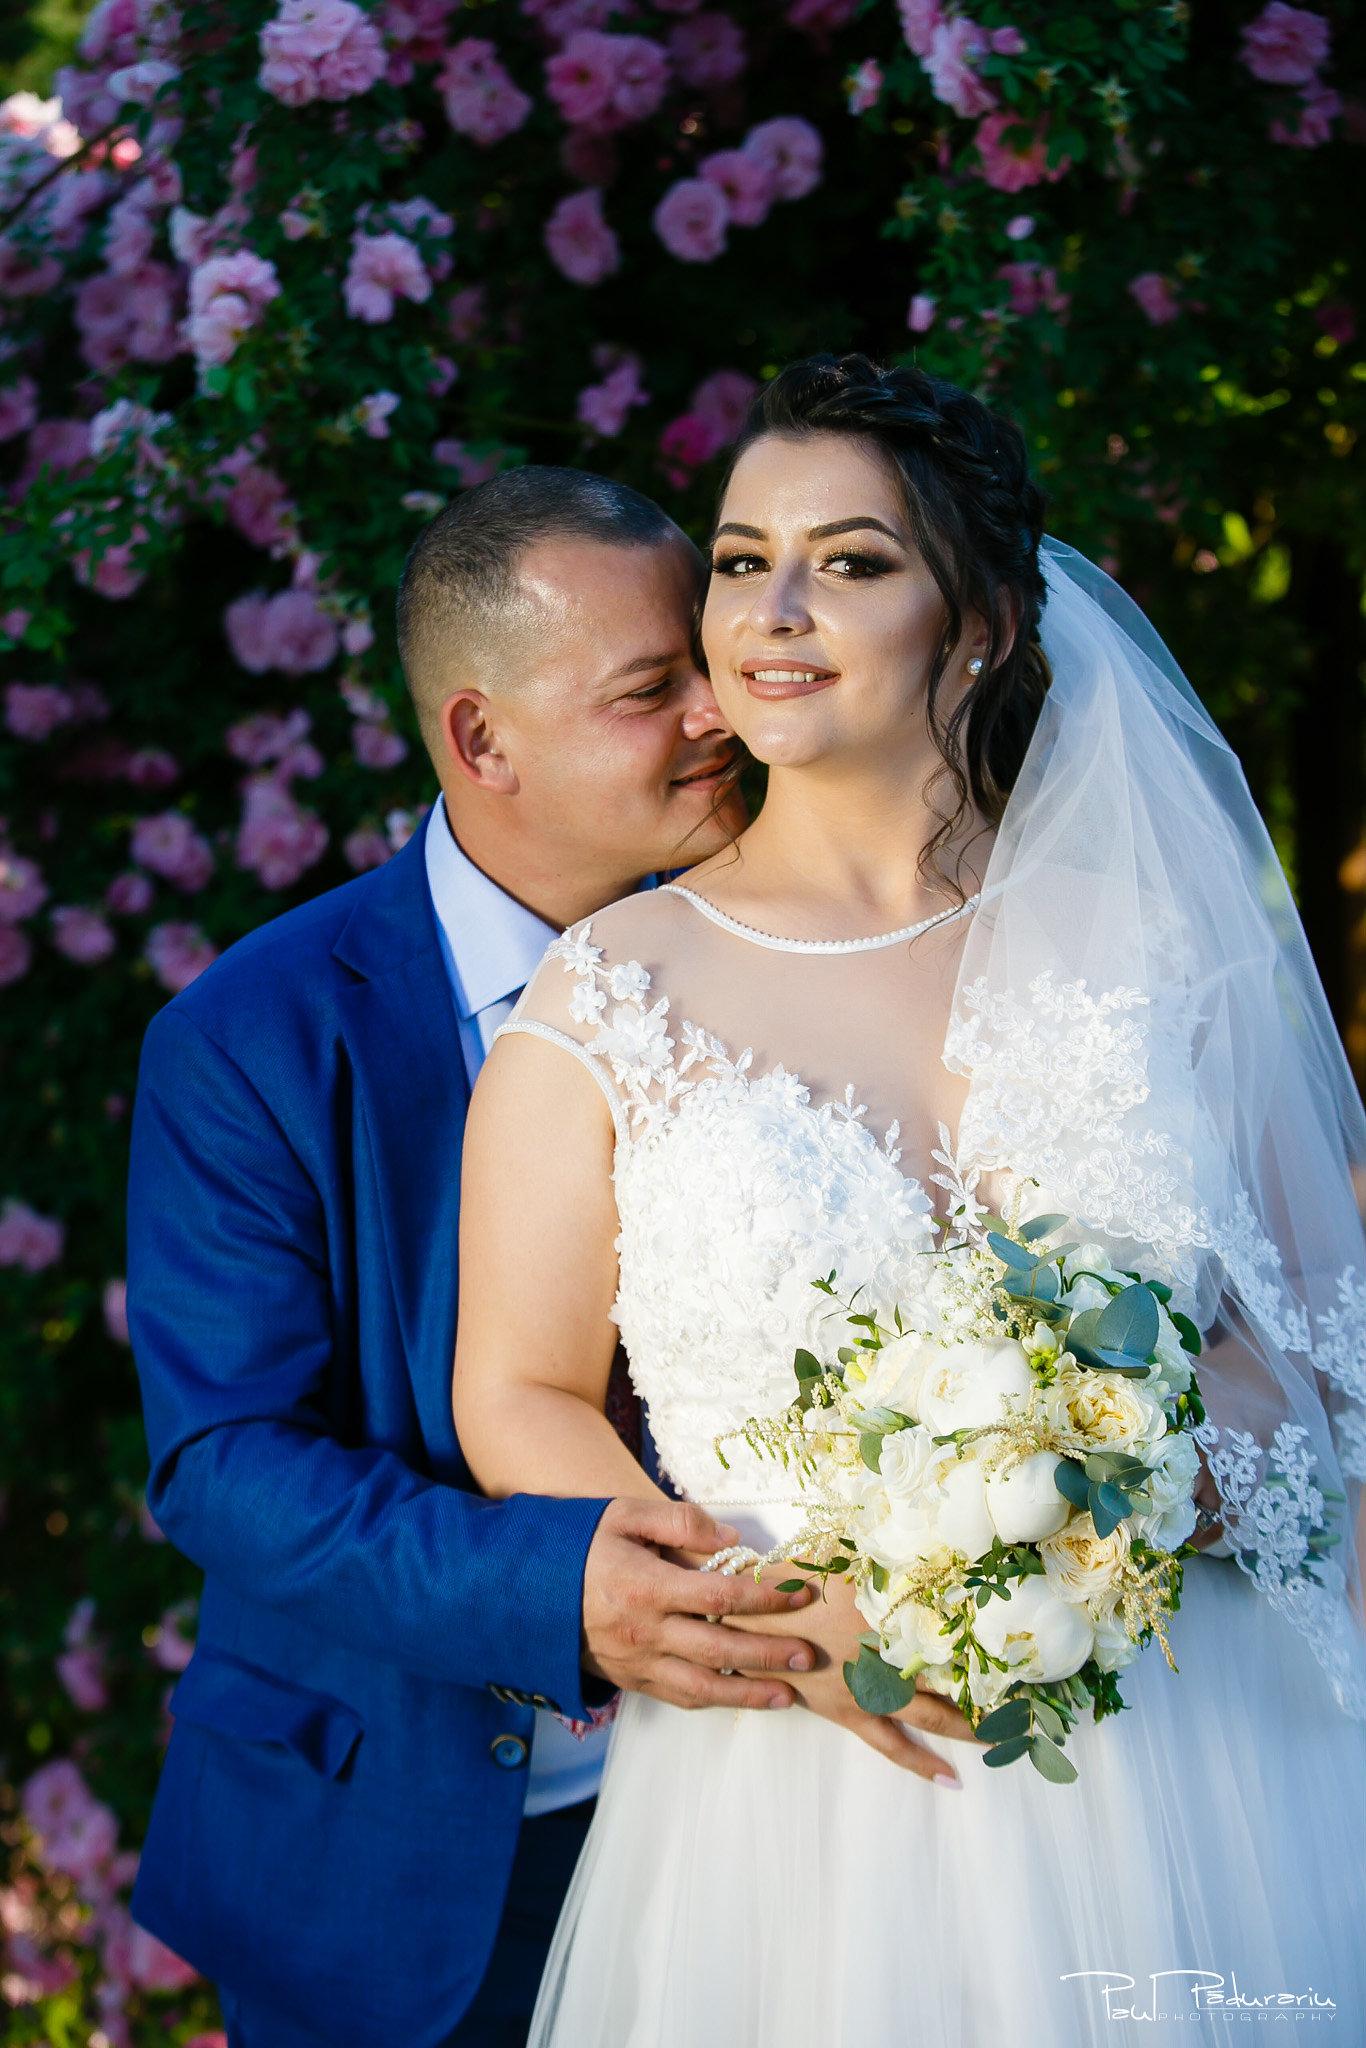 Sedinta foto nunta iasi fotograf profesionist paul padurariu - nunta la Castel Ana-Maria si Marius www.paulpadurariu.ro © 2018 Paul Padurariu 6